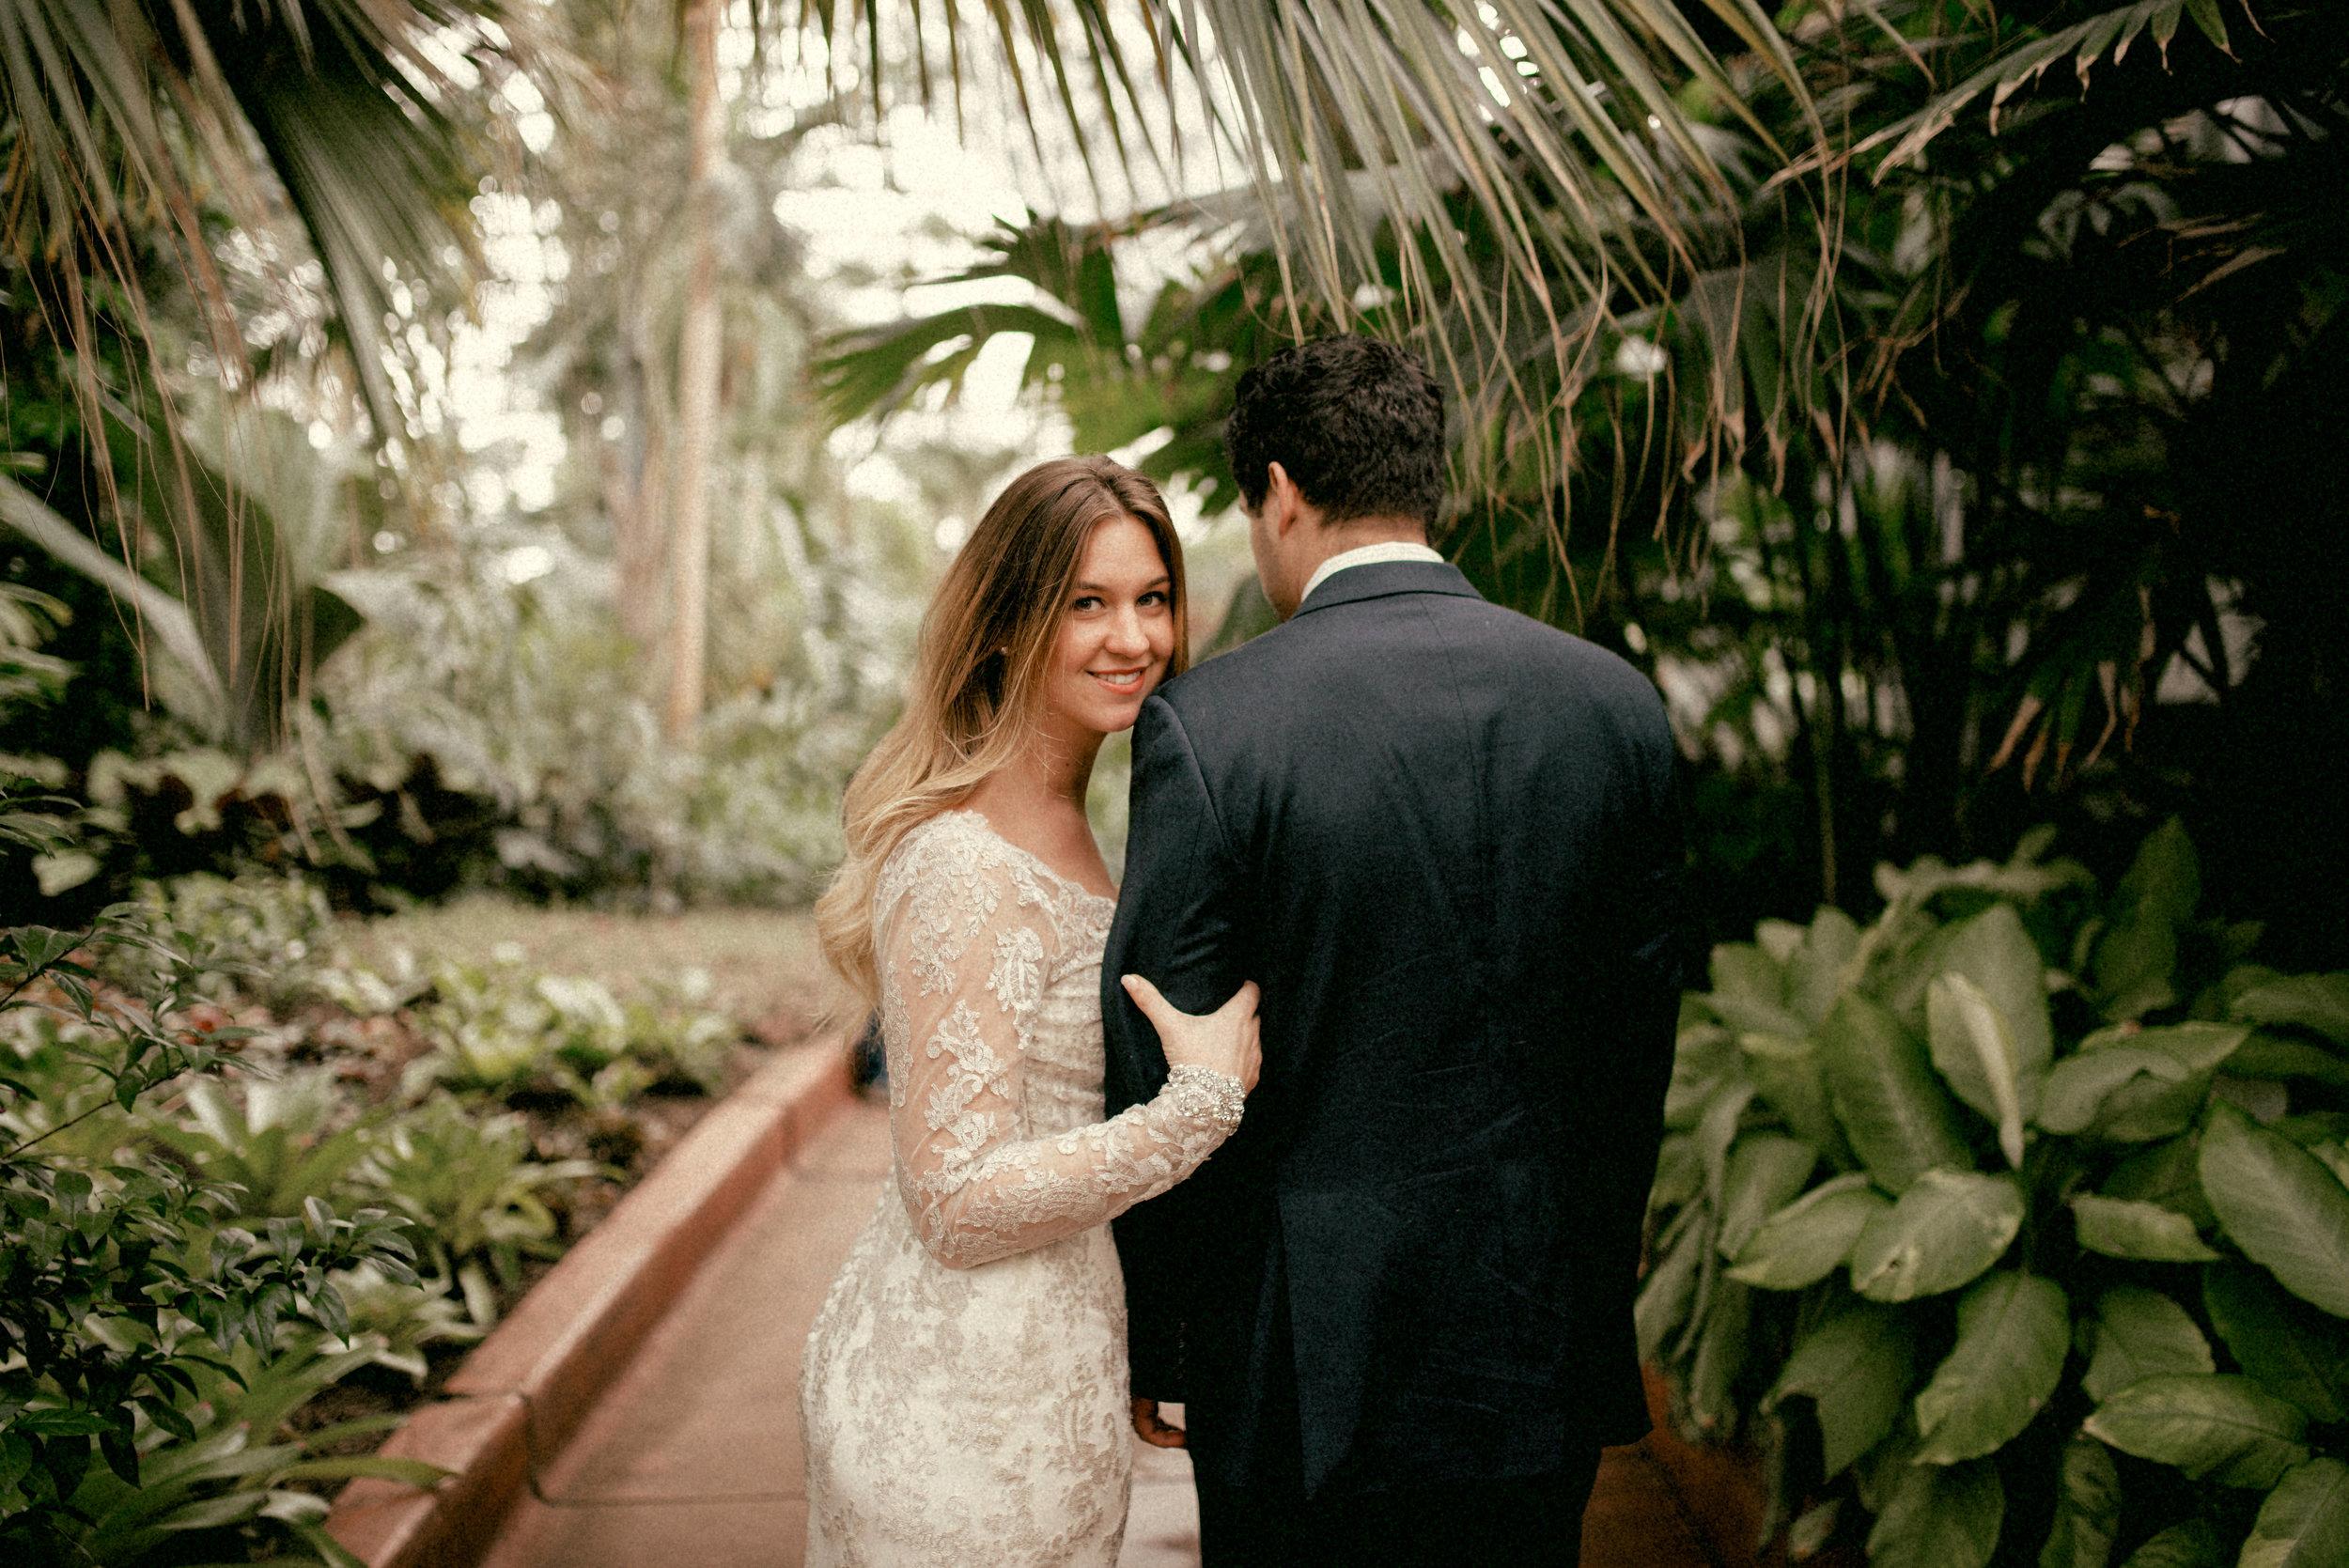 garfield park conservatory chicago wedding 09